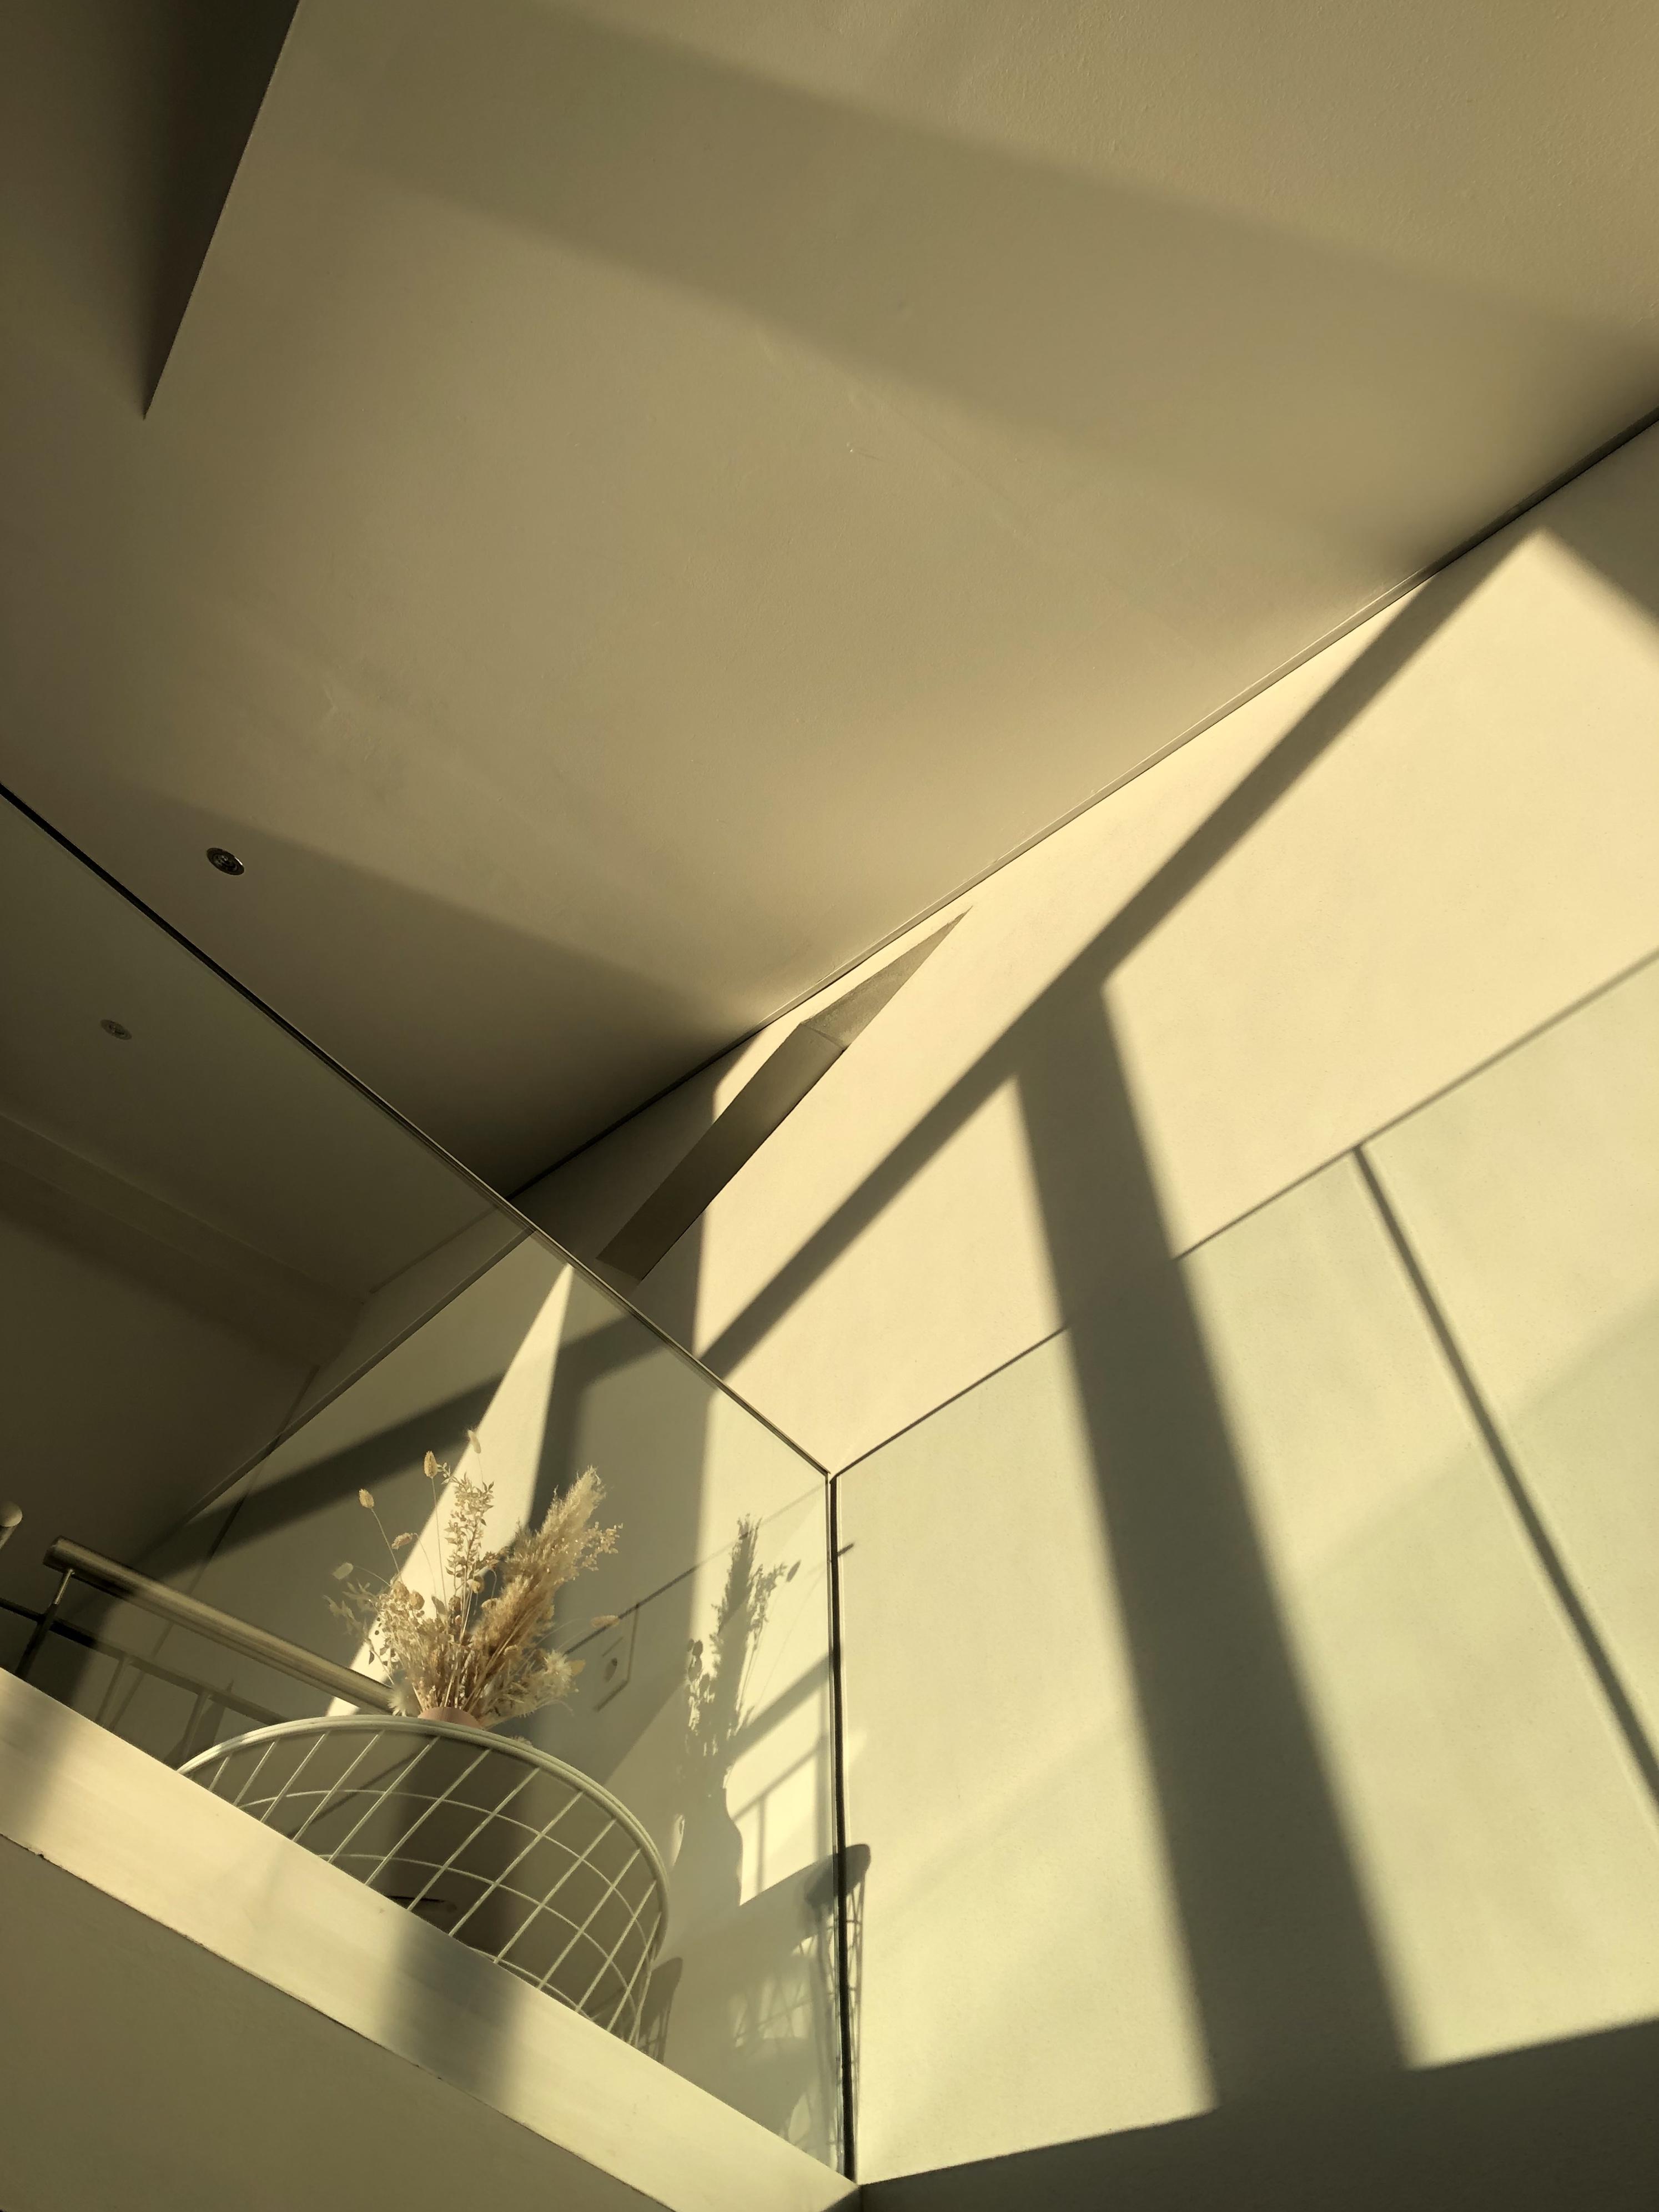 Treppenhaus in weiß, Homestory Beton trifft auf Glas. Weitere Wohnideen findest du bei desmondo.de